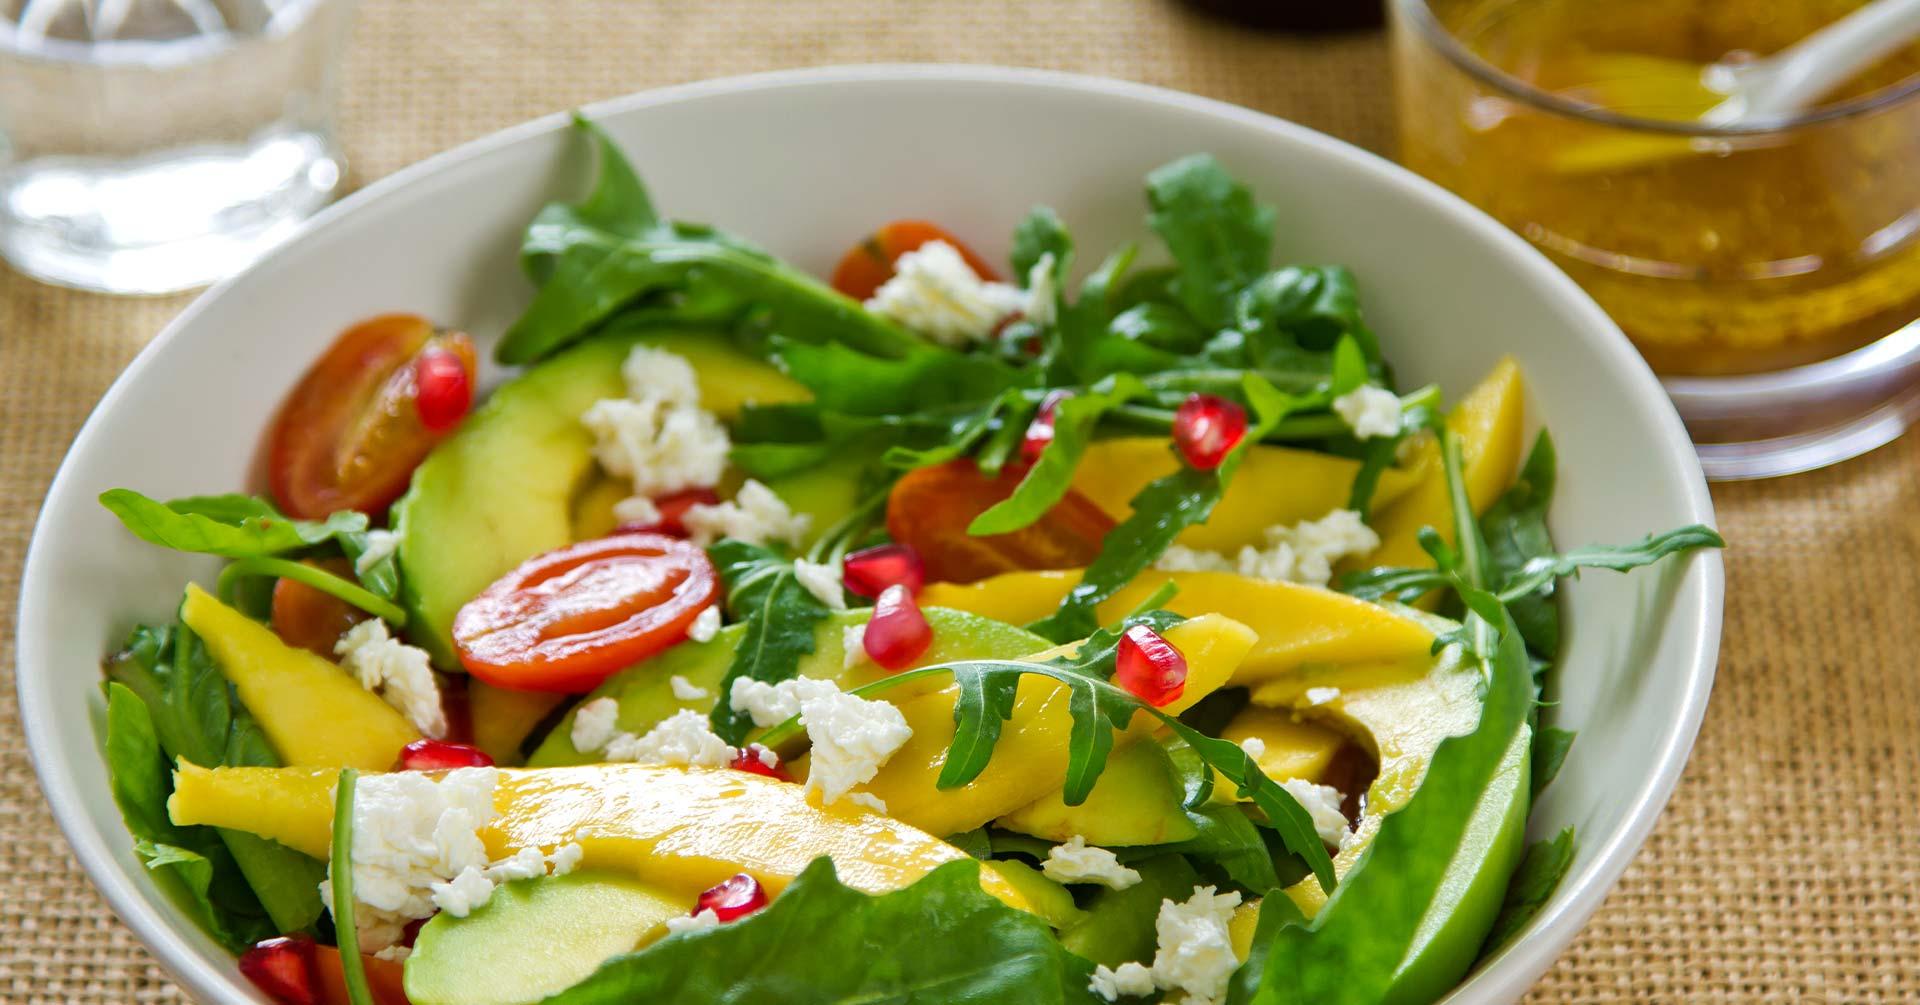 Ensalada con mango y granola